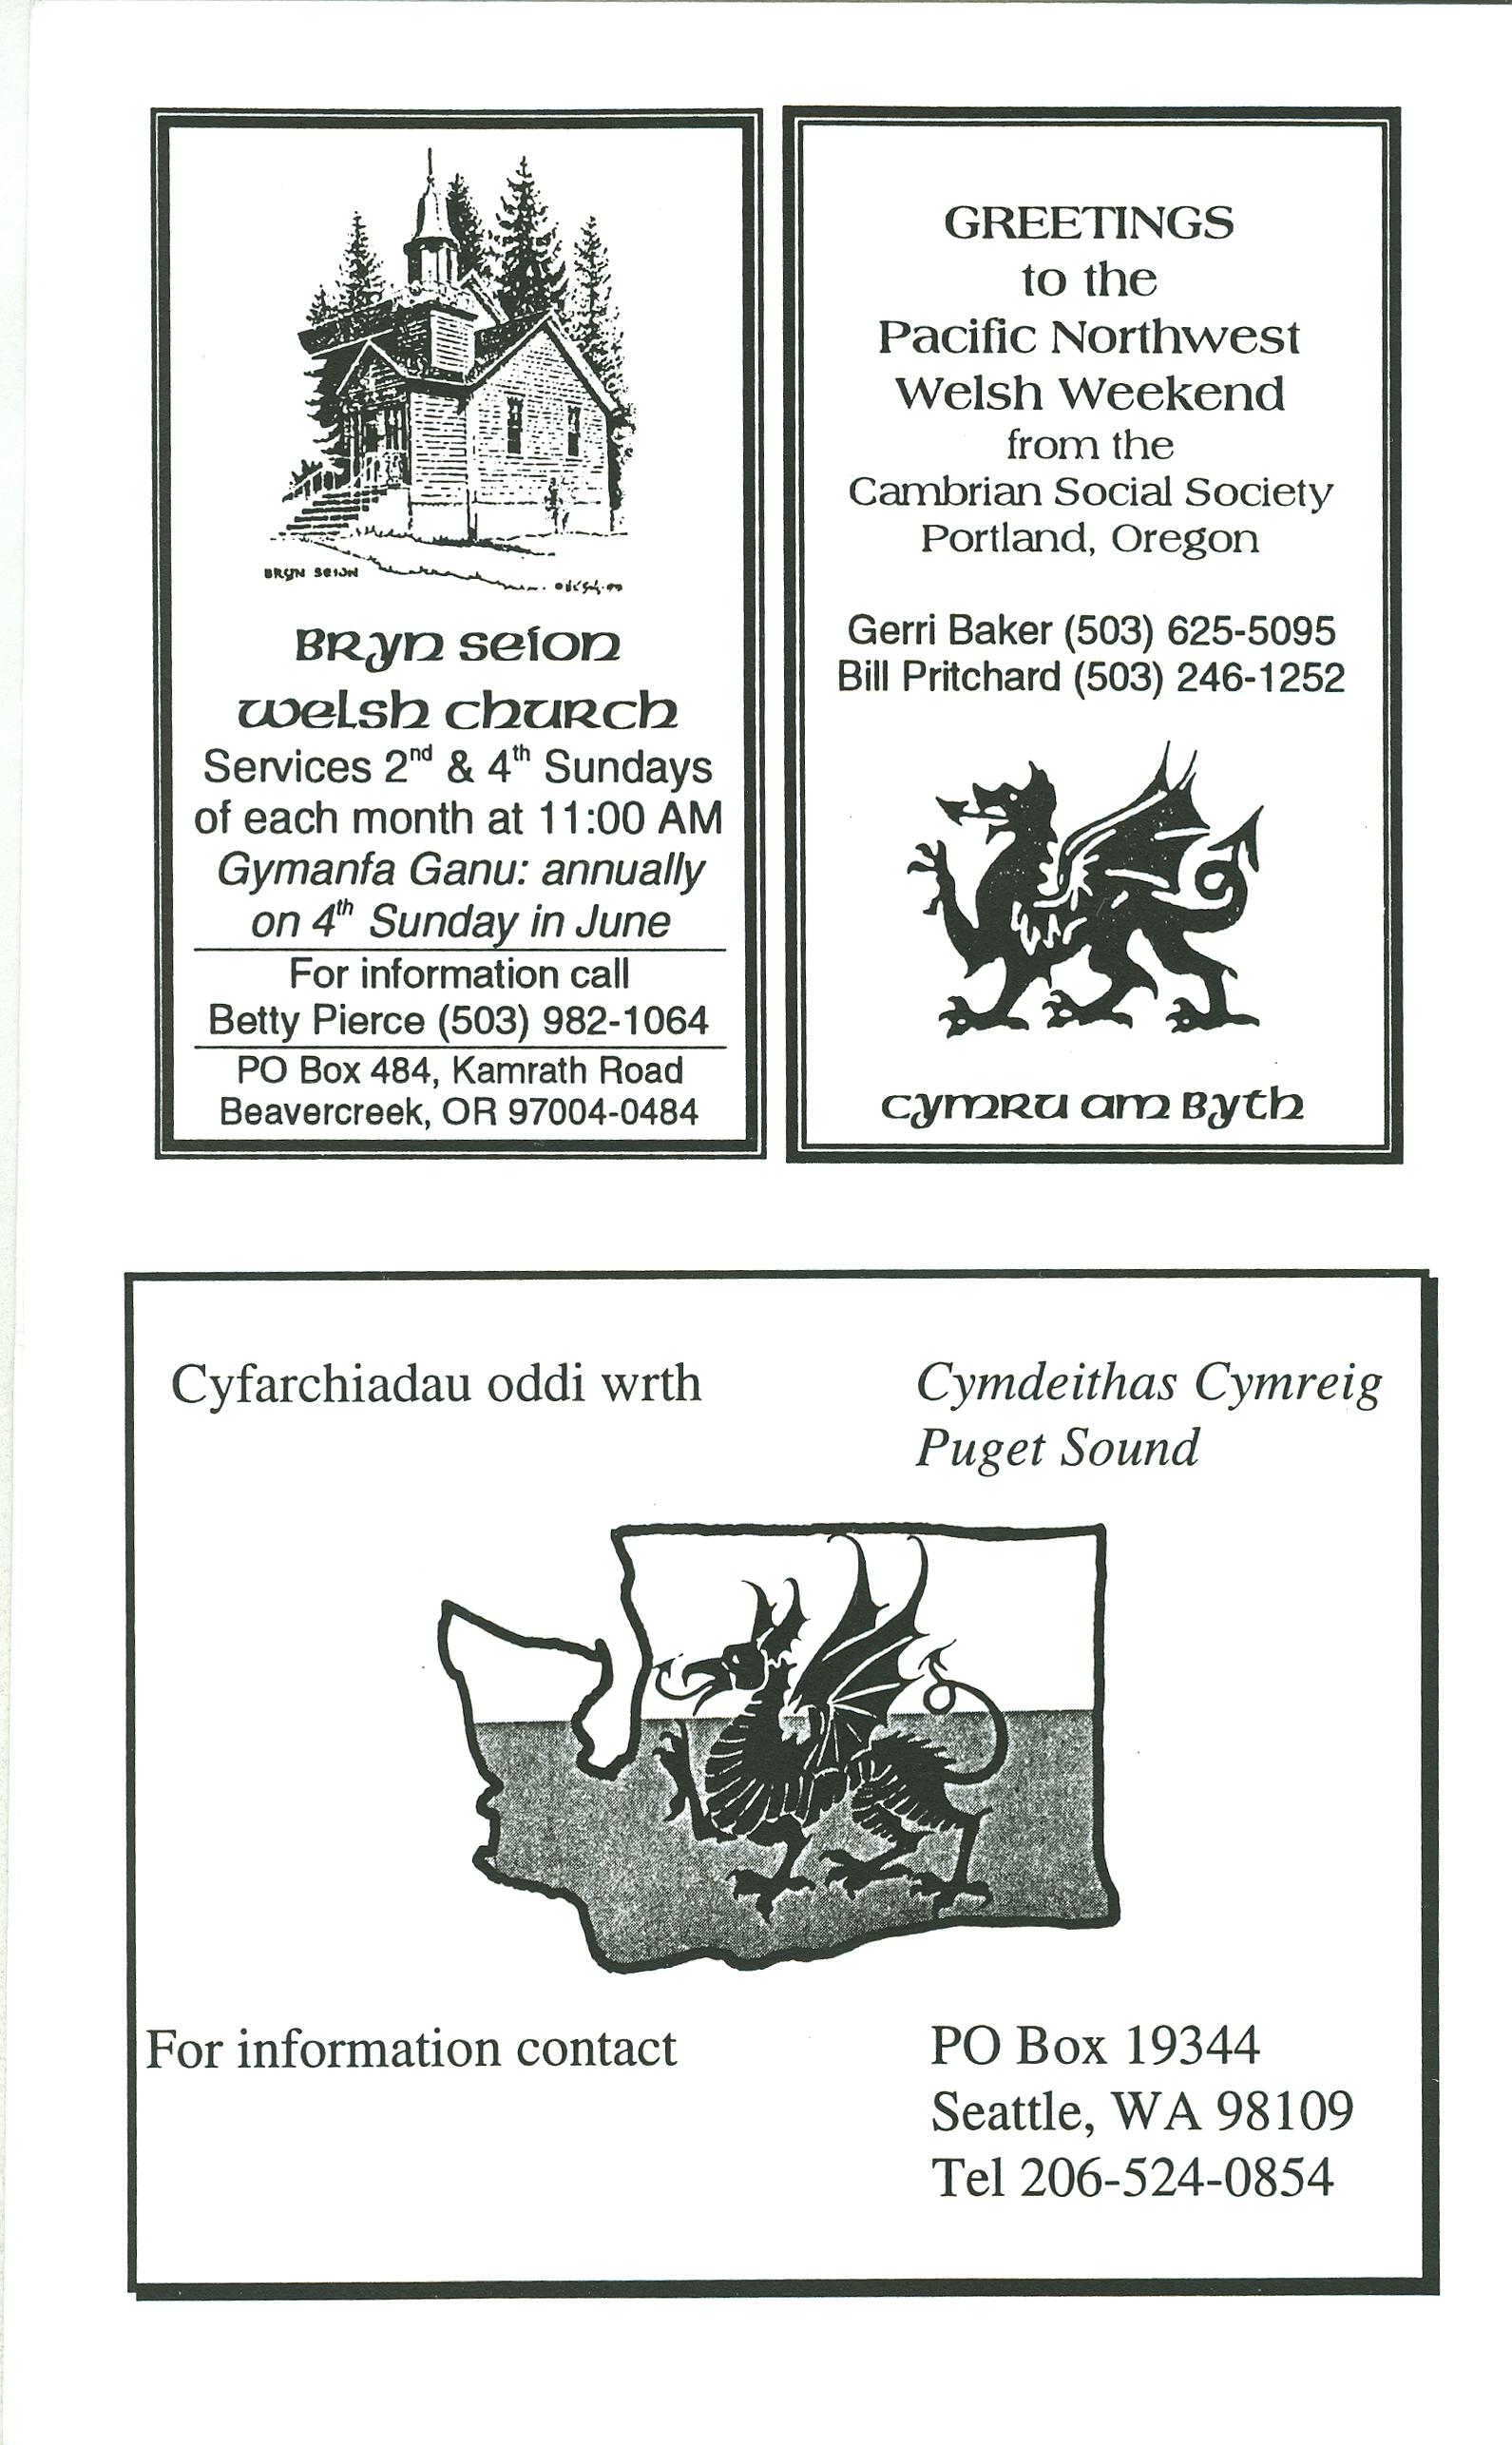 1997 Pacific Northwest Welsh Weekendhandbook